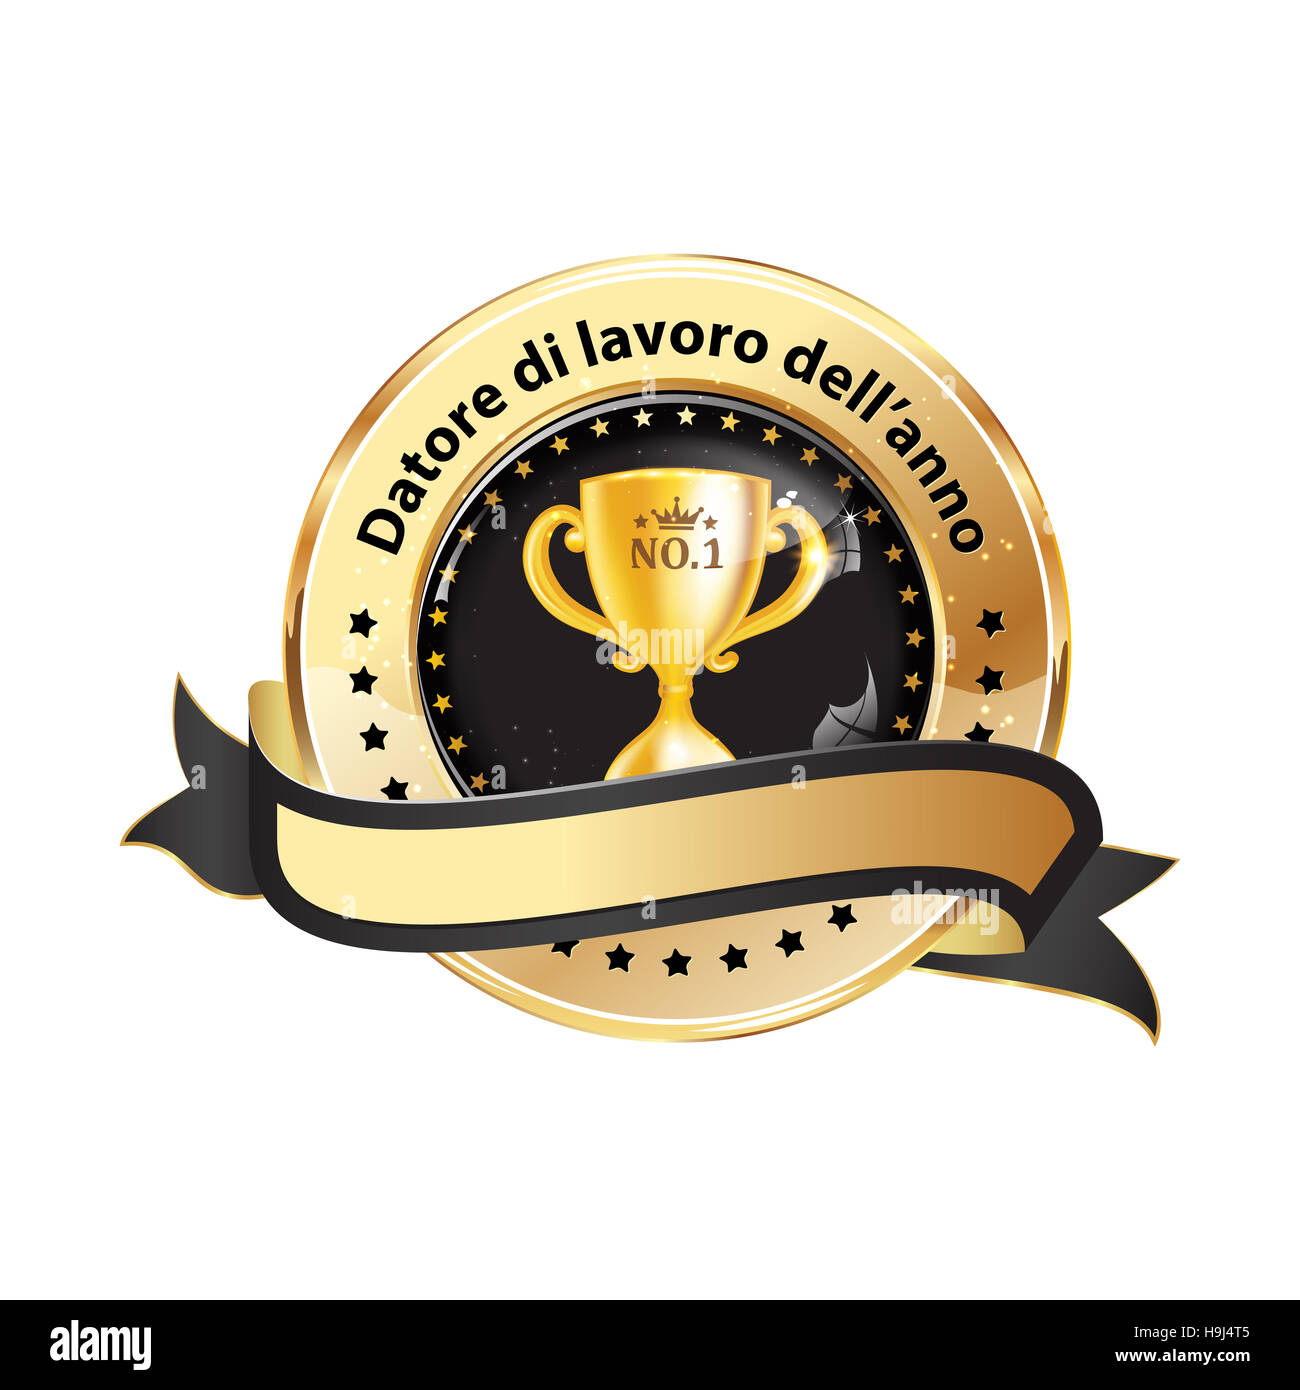 Datore di lavoro dell'anno - affari icona / Premio nastro distinzione per le aziende. - Stock Image